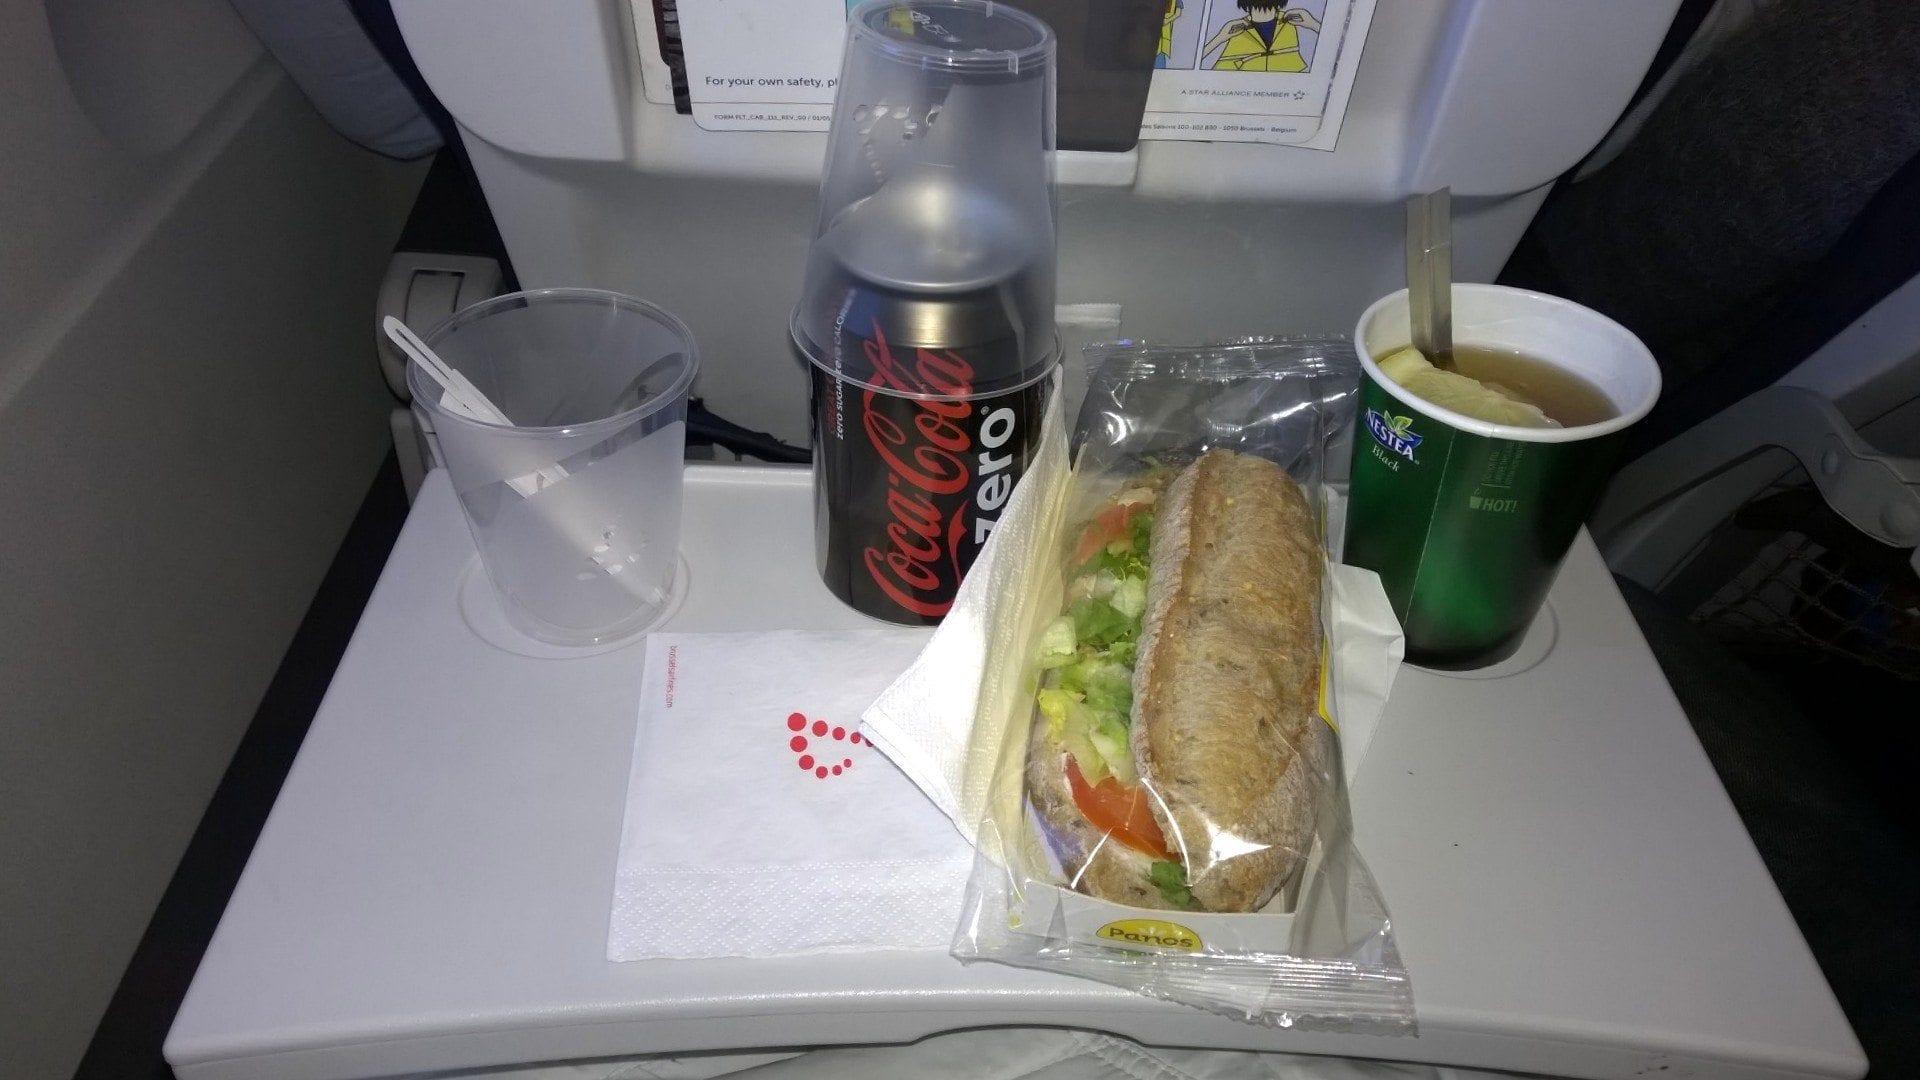 Die Verpflegung ist bei Brussels Airlines bereits kostenpflichtig